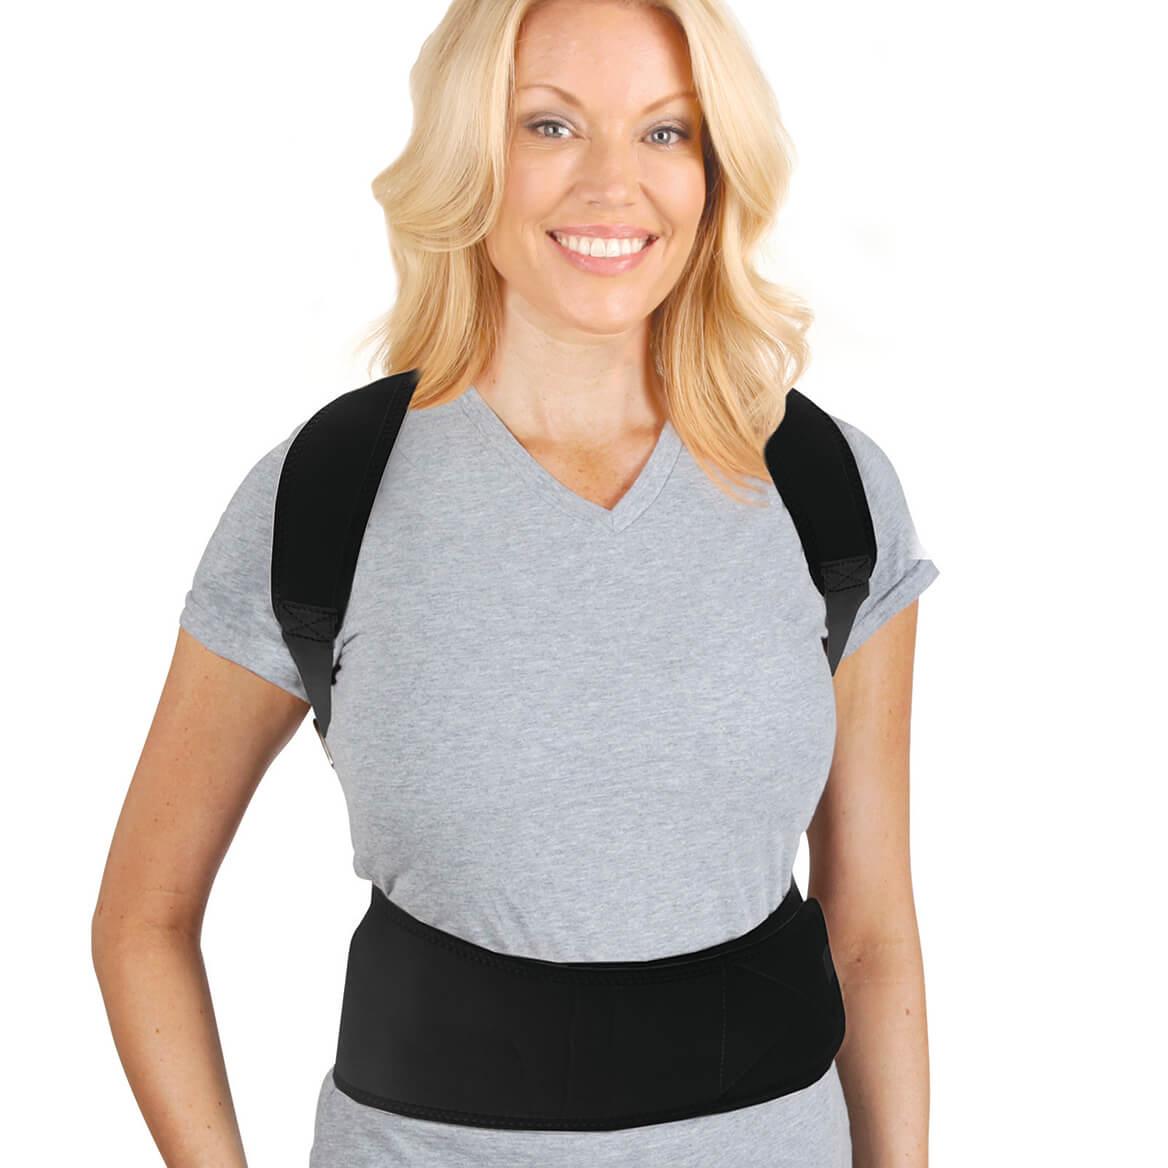 Posture Smart Support Belt-370111